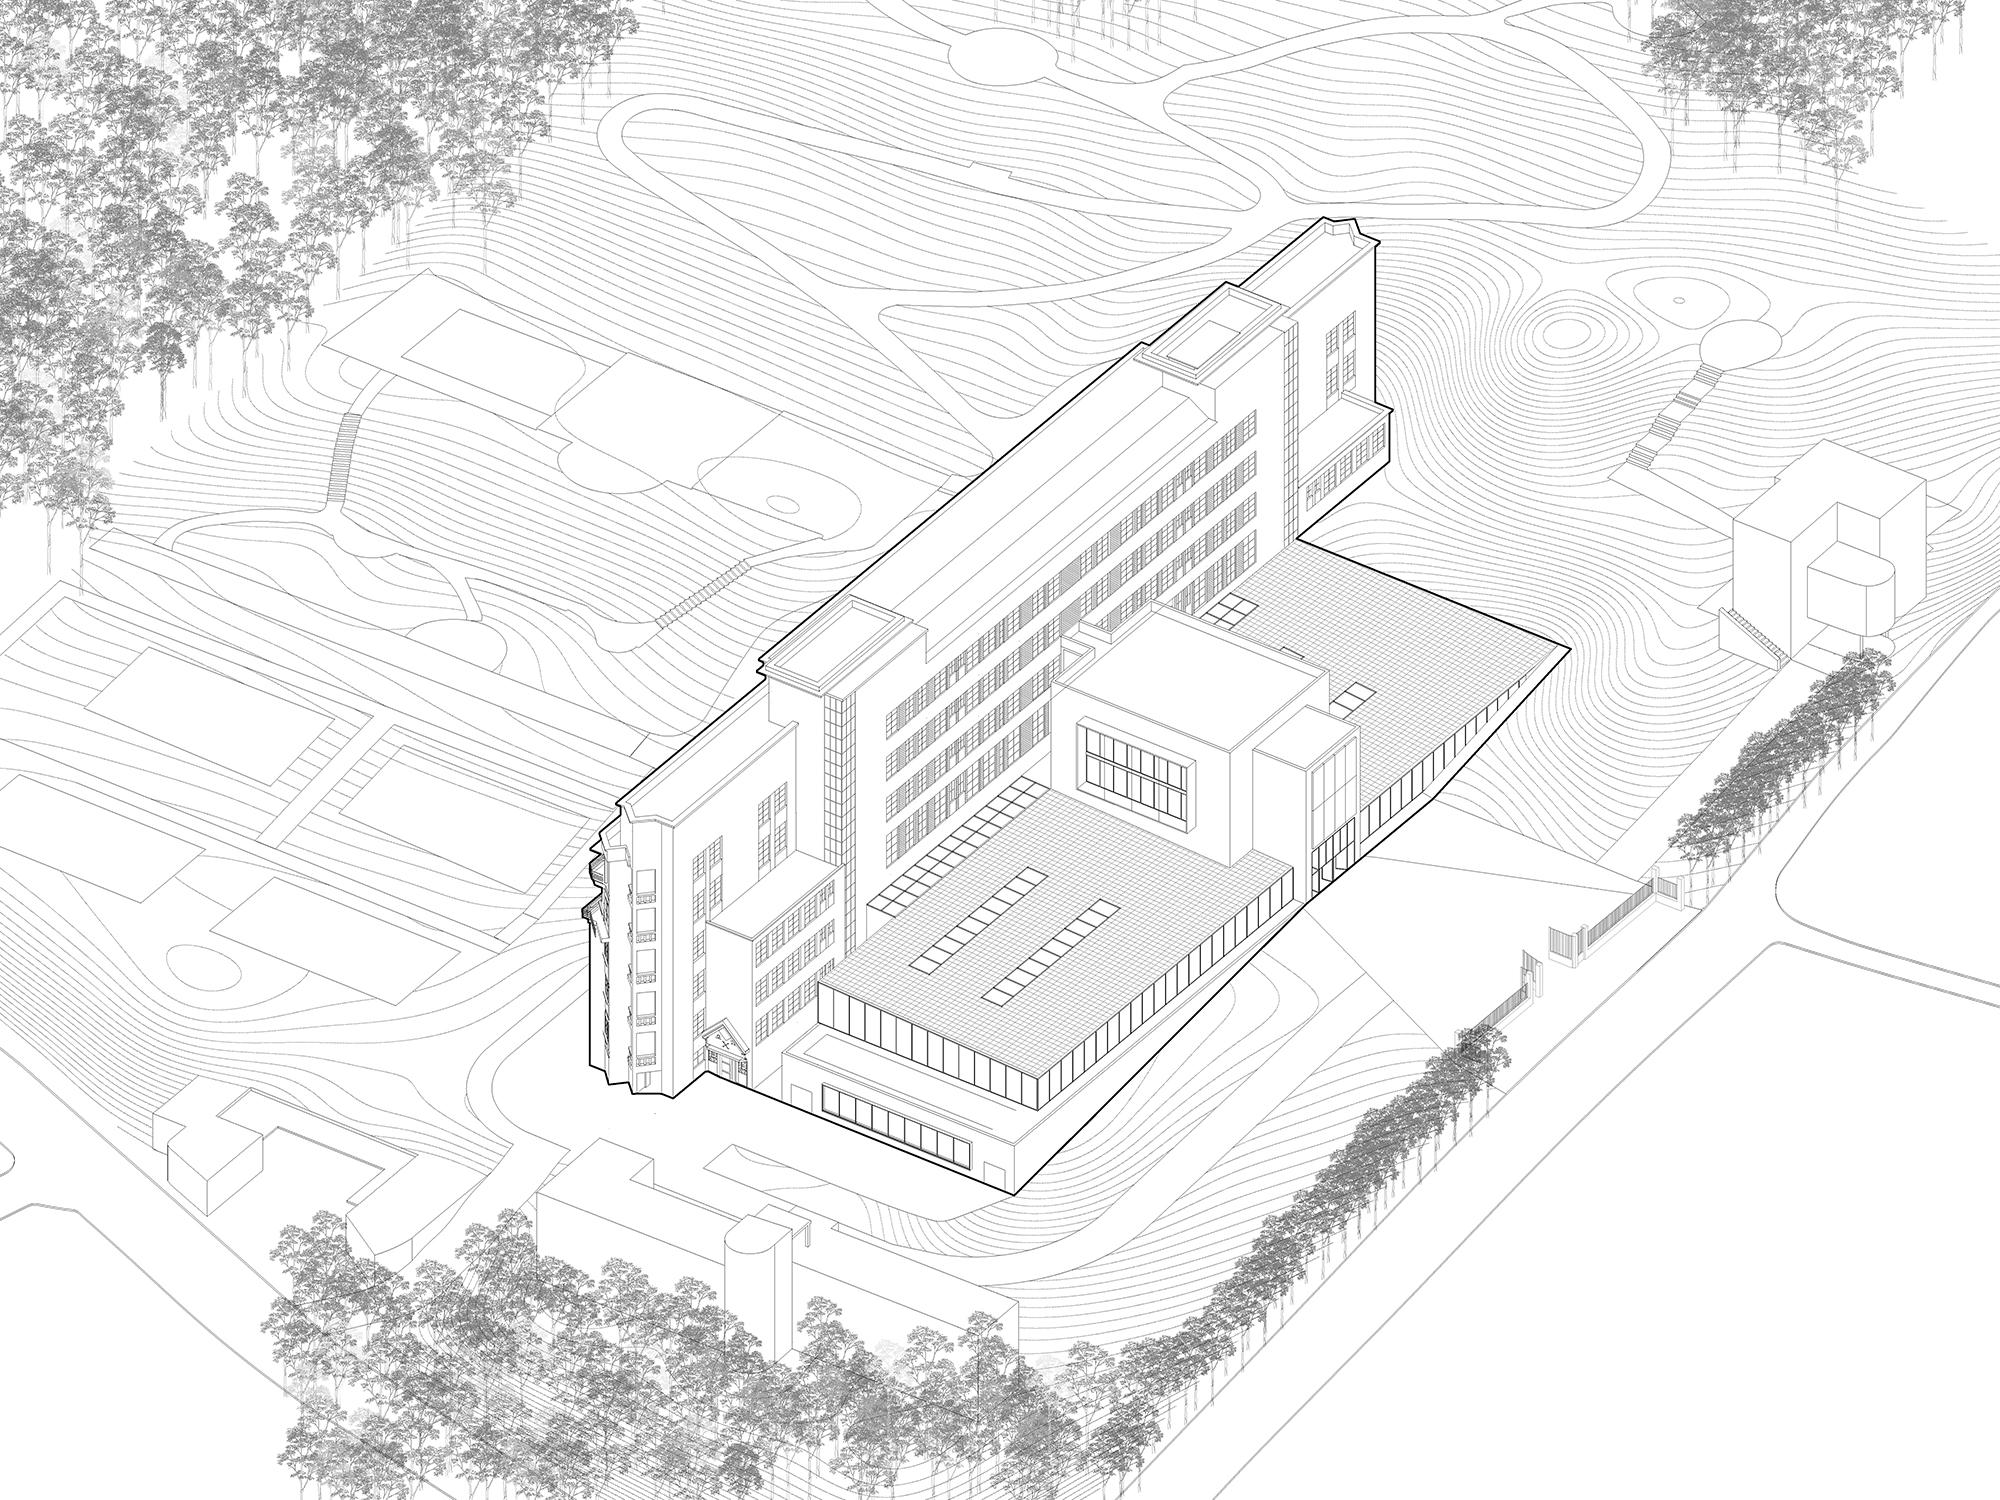 École D Architecture Clermont ecole d'architecture de clermont-ferrand - dominique lyon